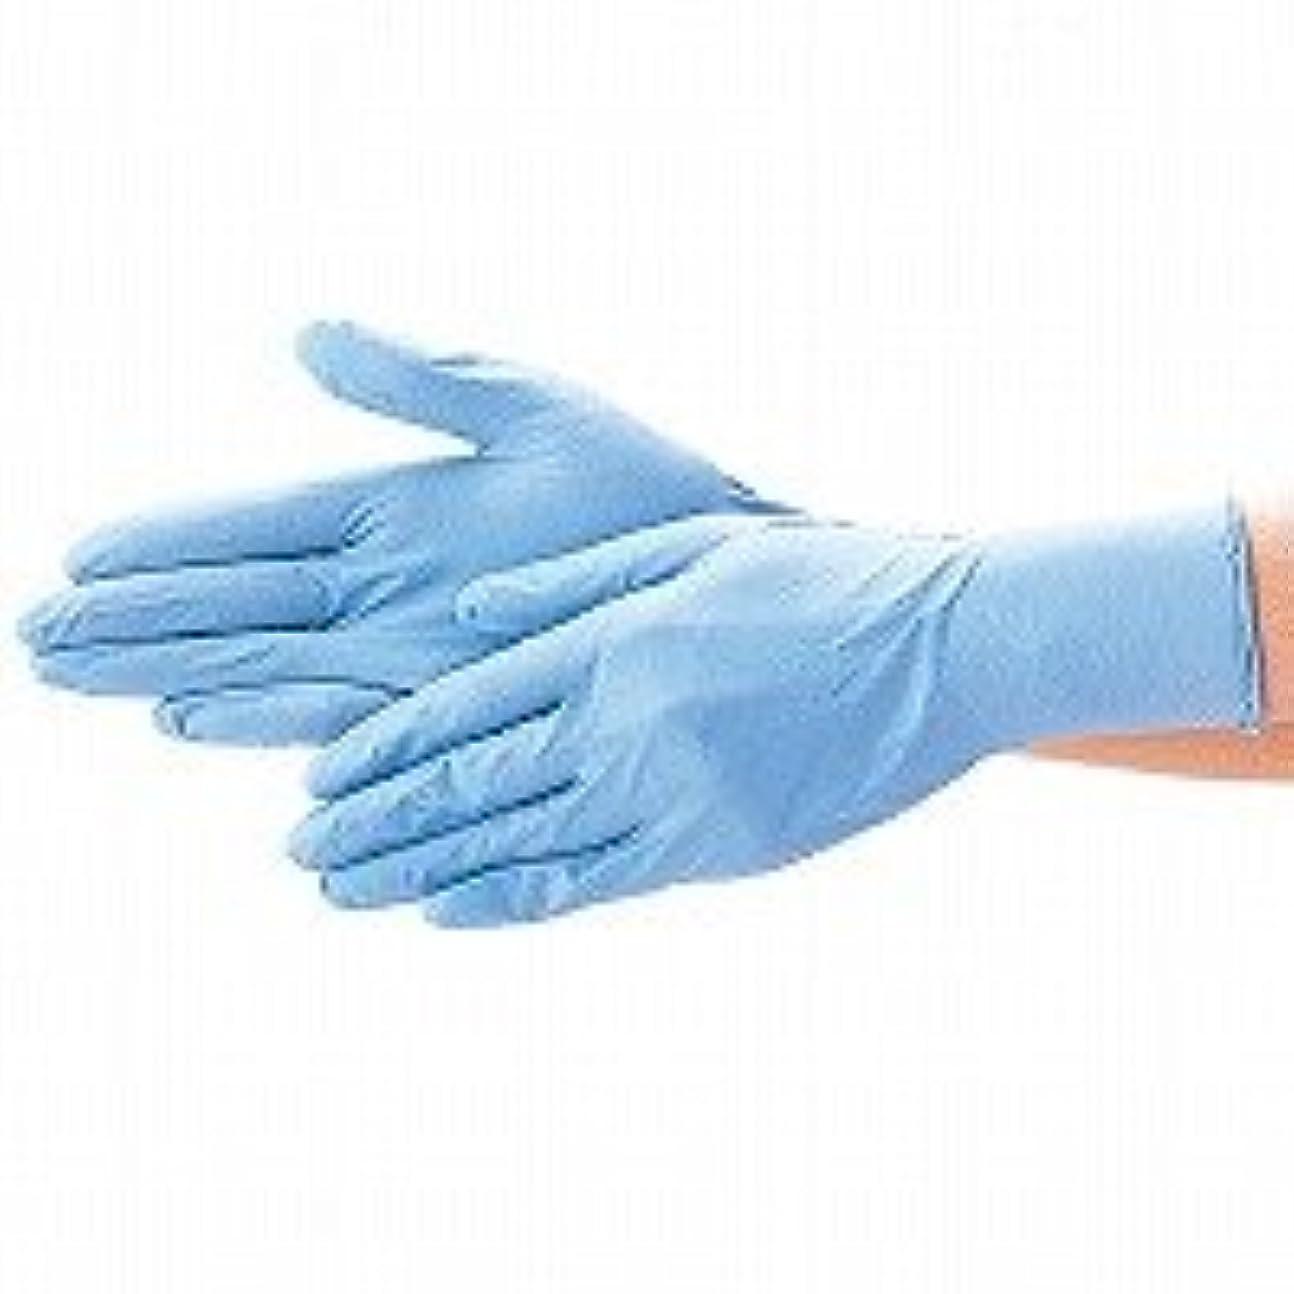 感謝祭キャンパス主要なエブノ ニトリル手袋 No.526 M 青 (100枚入×20箱) ディスポニトリル パウダーフリー ブルー